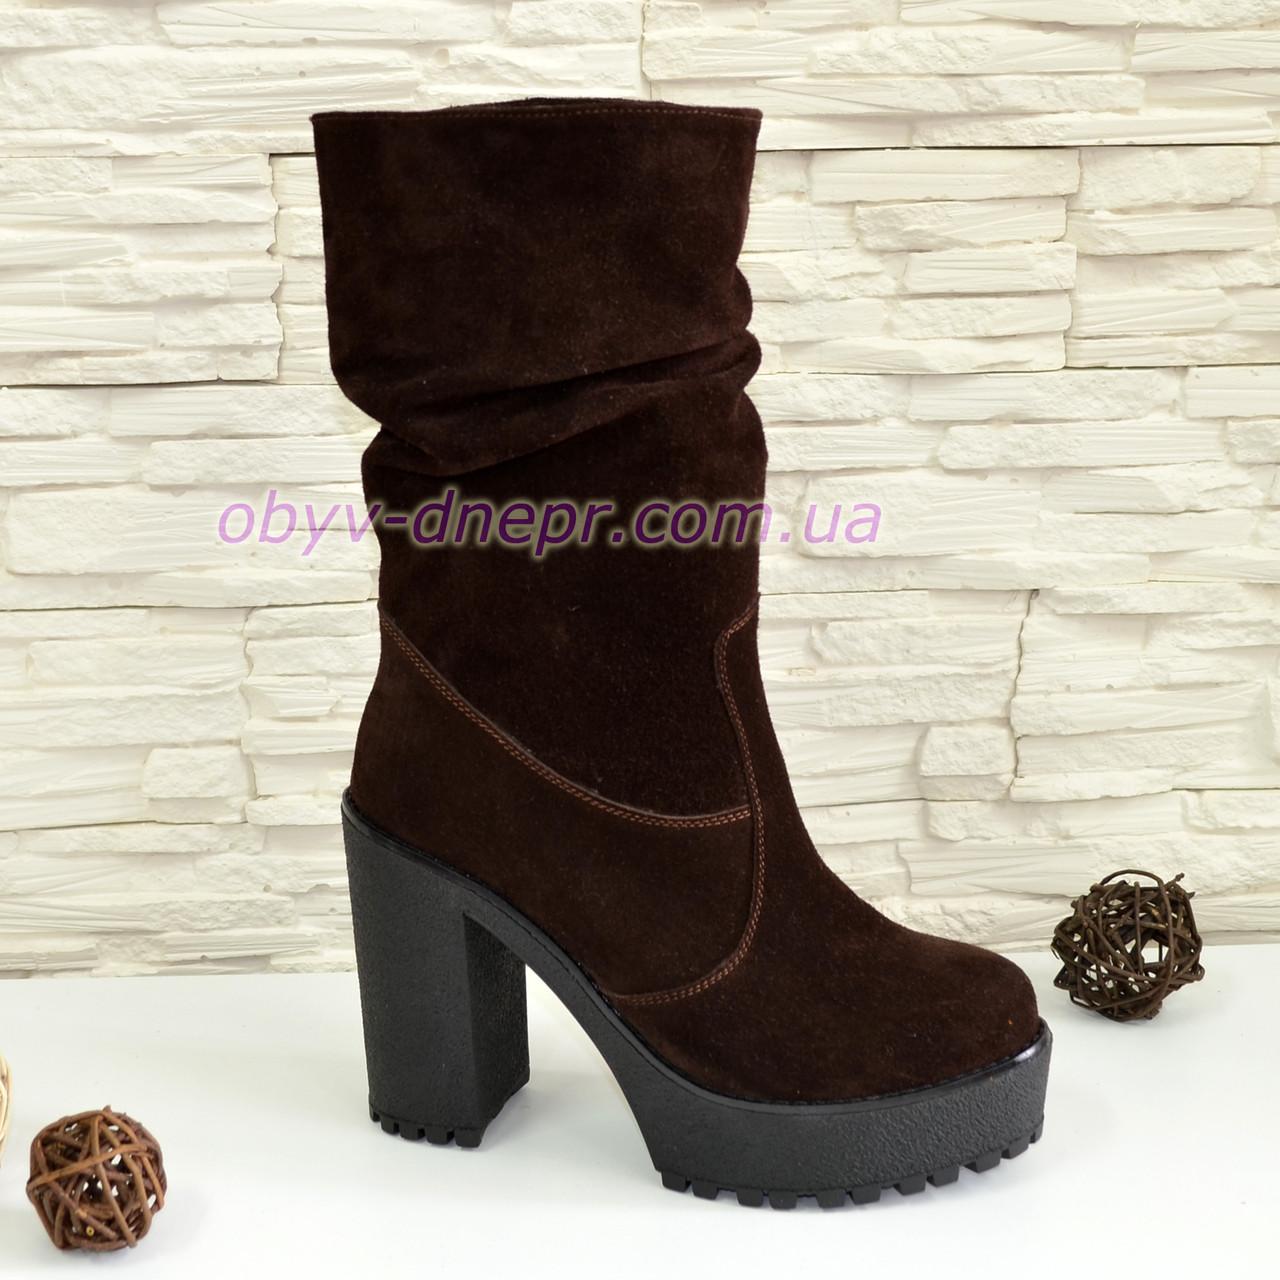 75743efd920b Ботинки замшевые зимние на высоком каблуке, цвет коричневый.: продажа, цена  в ...